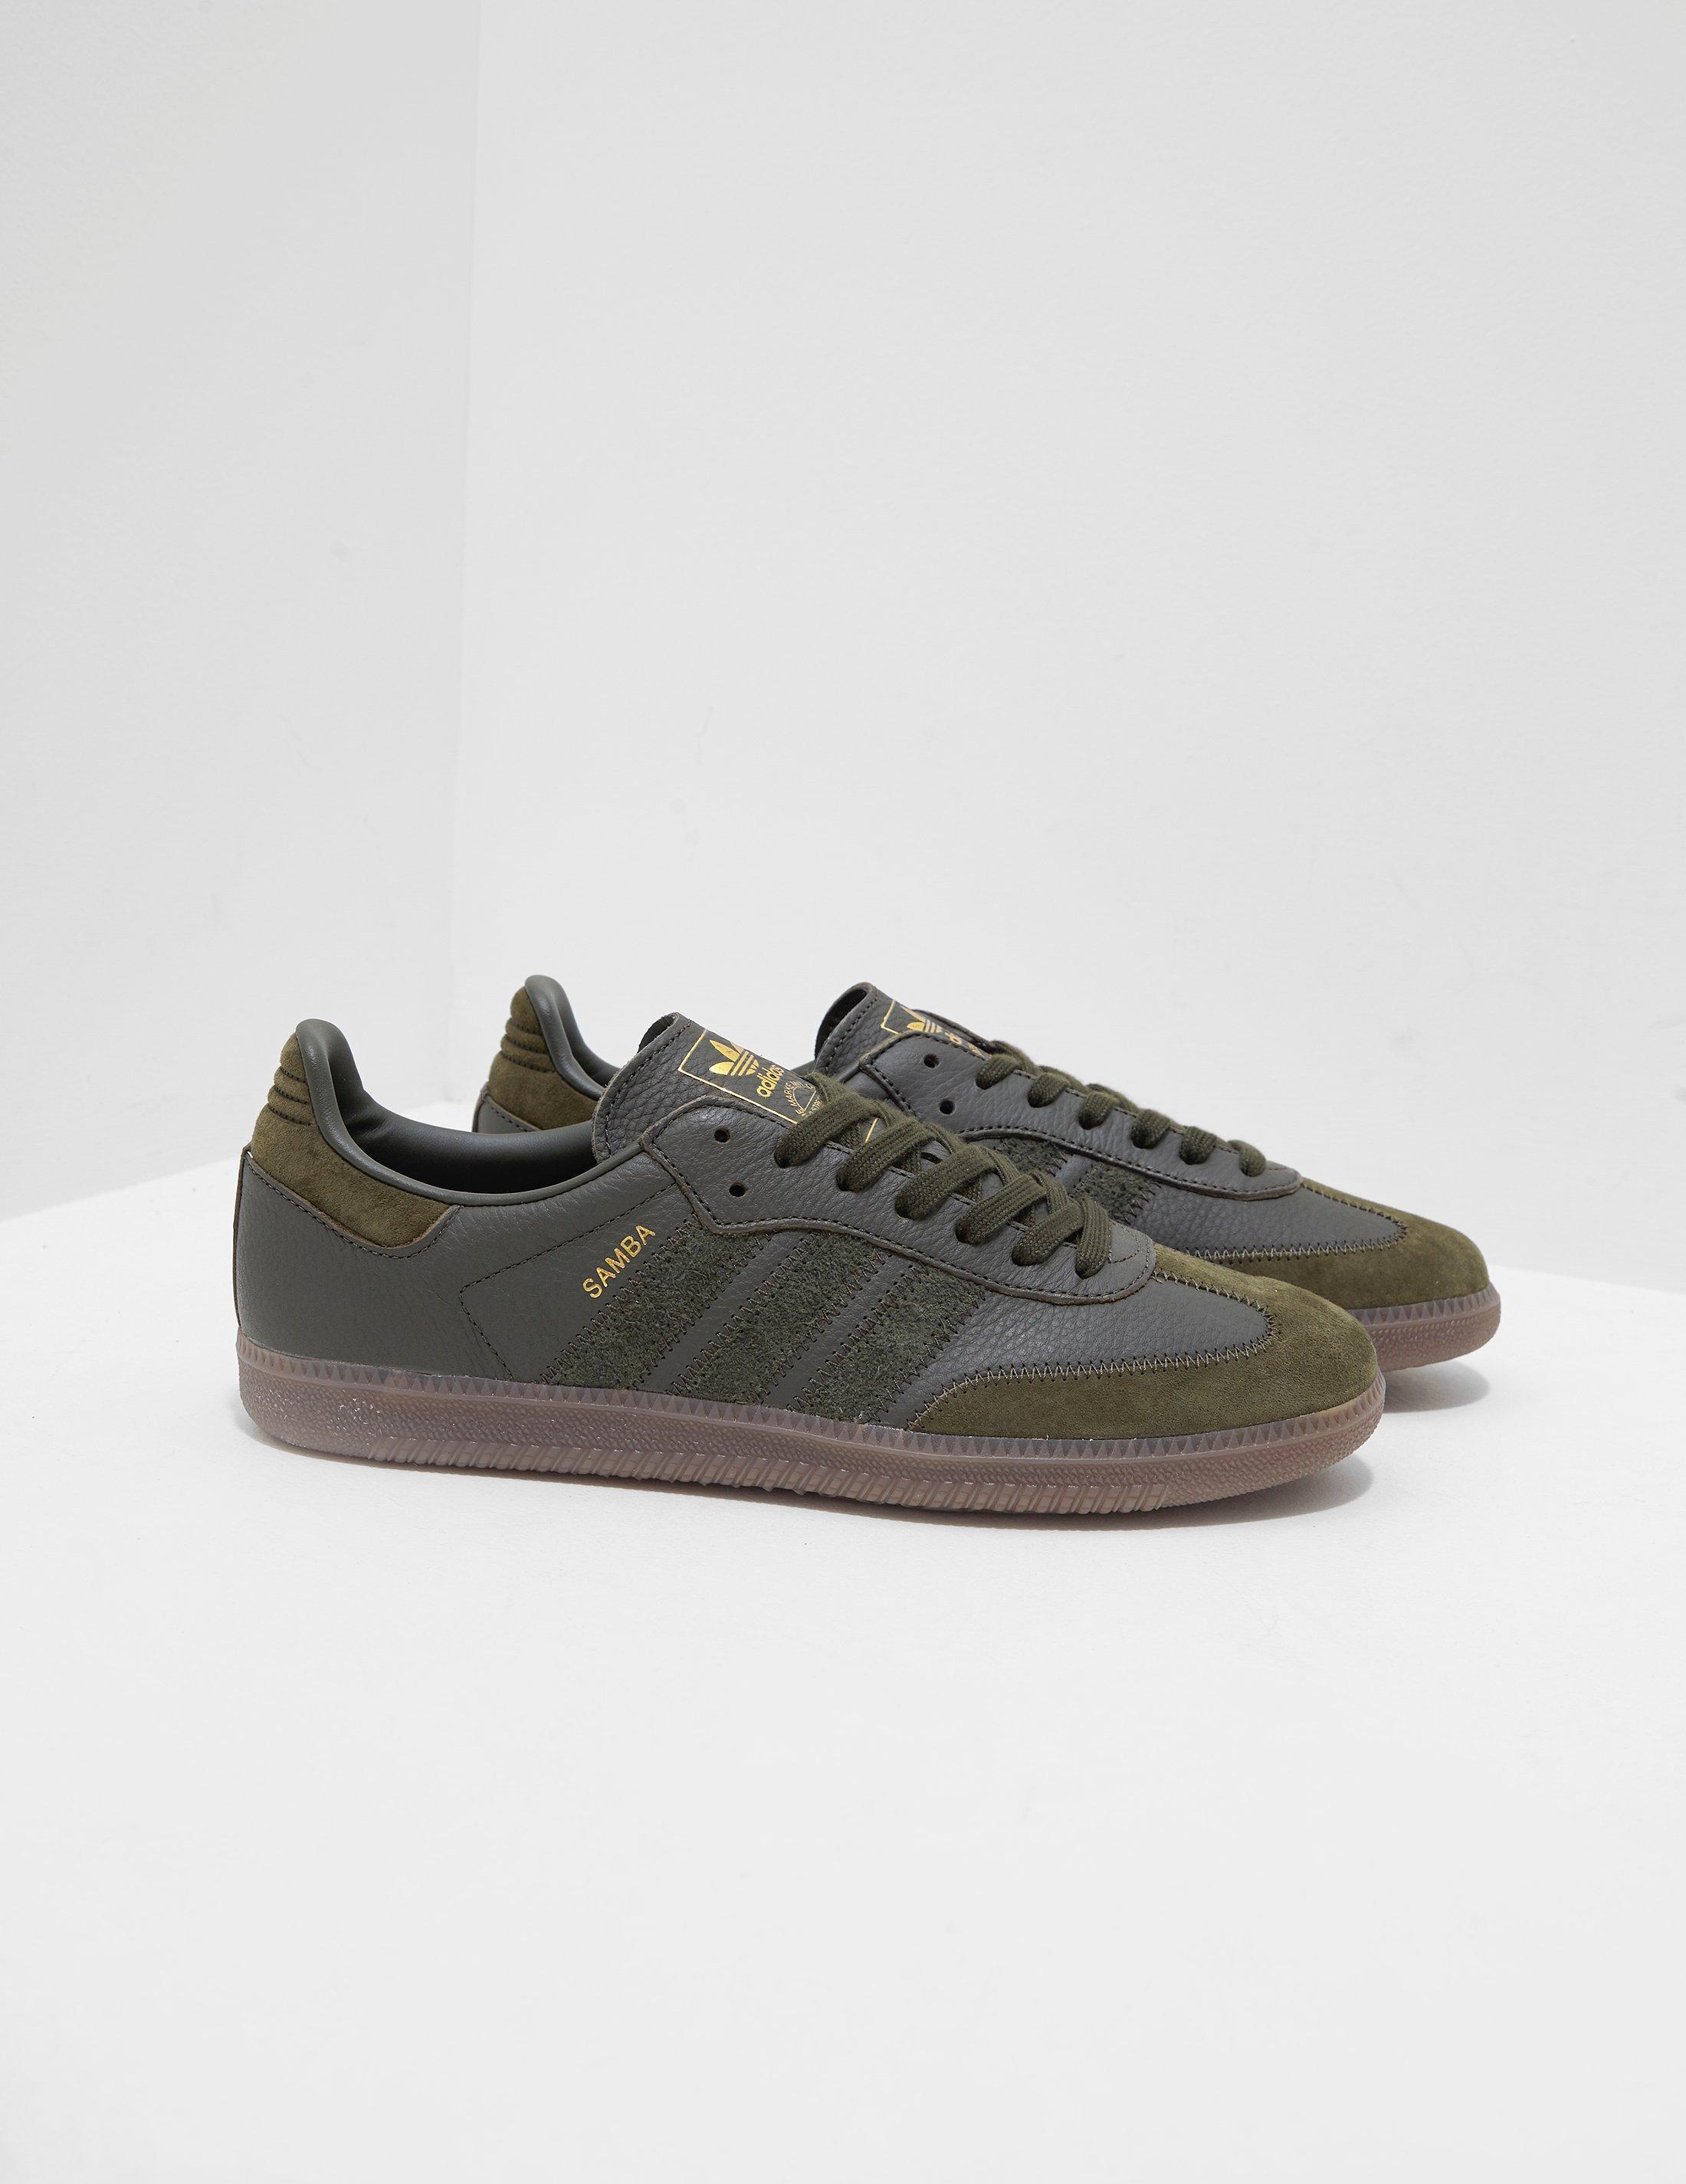 adidas Originals Samba Leather Og Olive